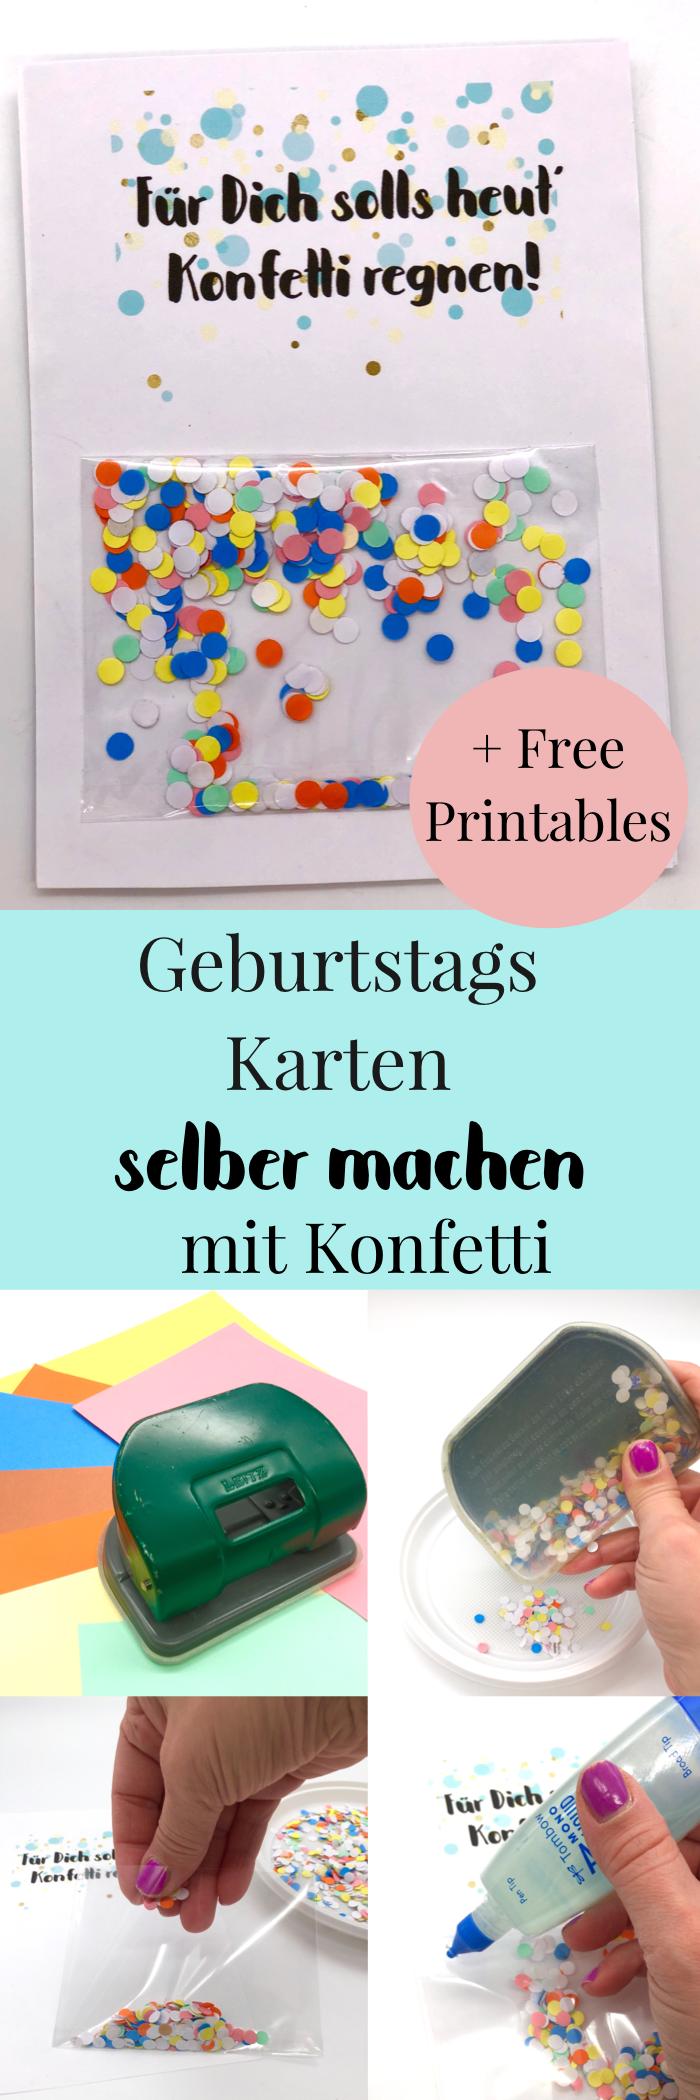 Geburtstagskarte Zum Ausdrucken Selber Machen Mit Konfetti Diy